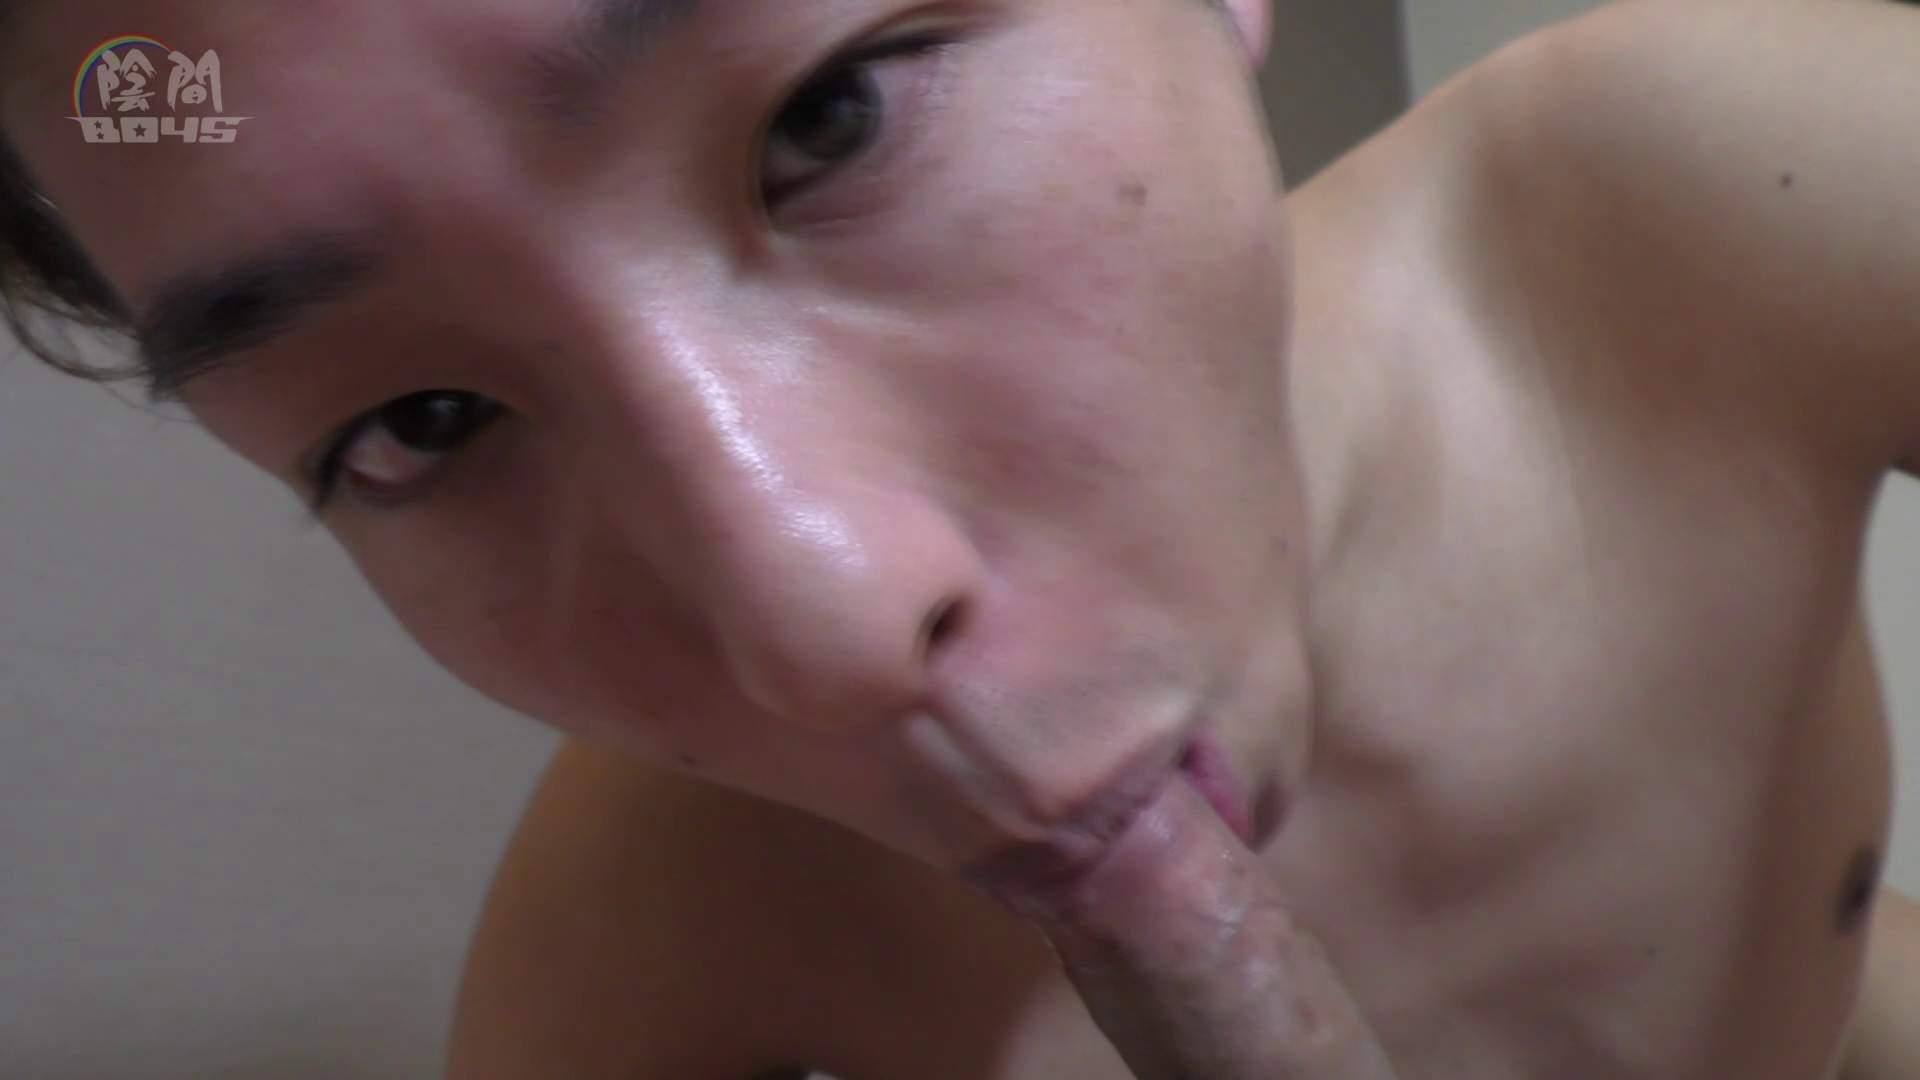 デカチン探偵かしこまりpart2 No.05 男のゲイ天国  6枚 6